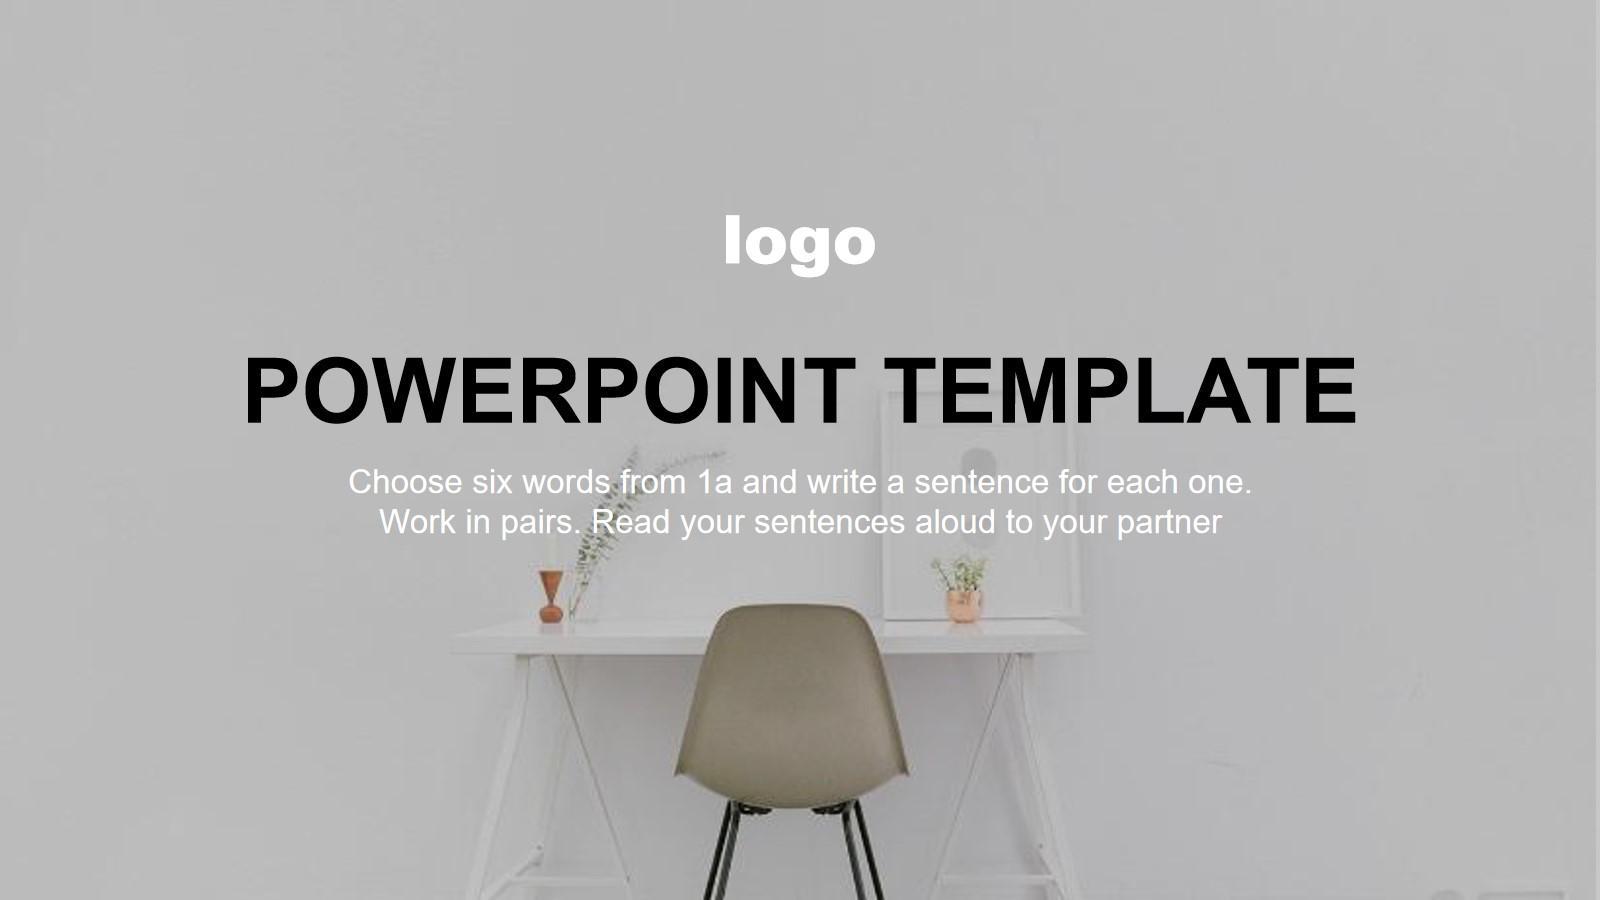 简洁欧美室内家居设计展示PPT模板 装修公司室内设计装修案例介绍PPT